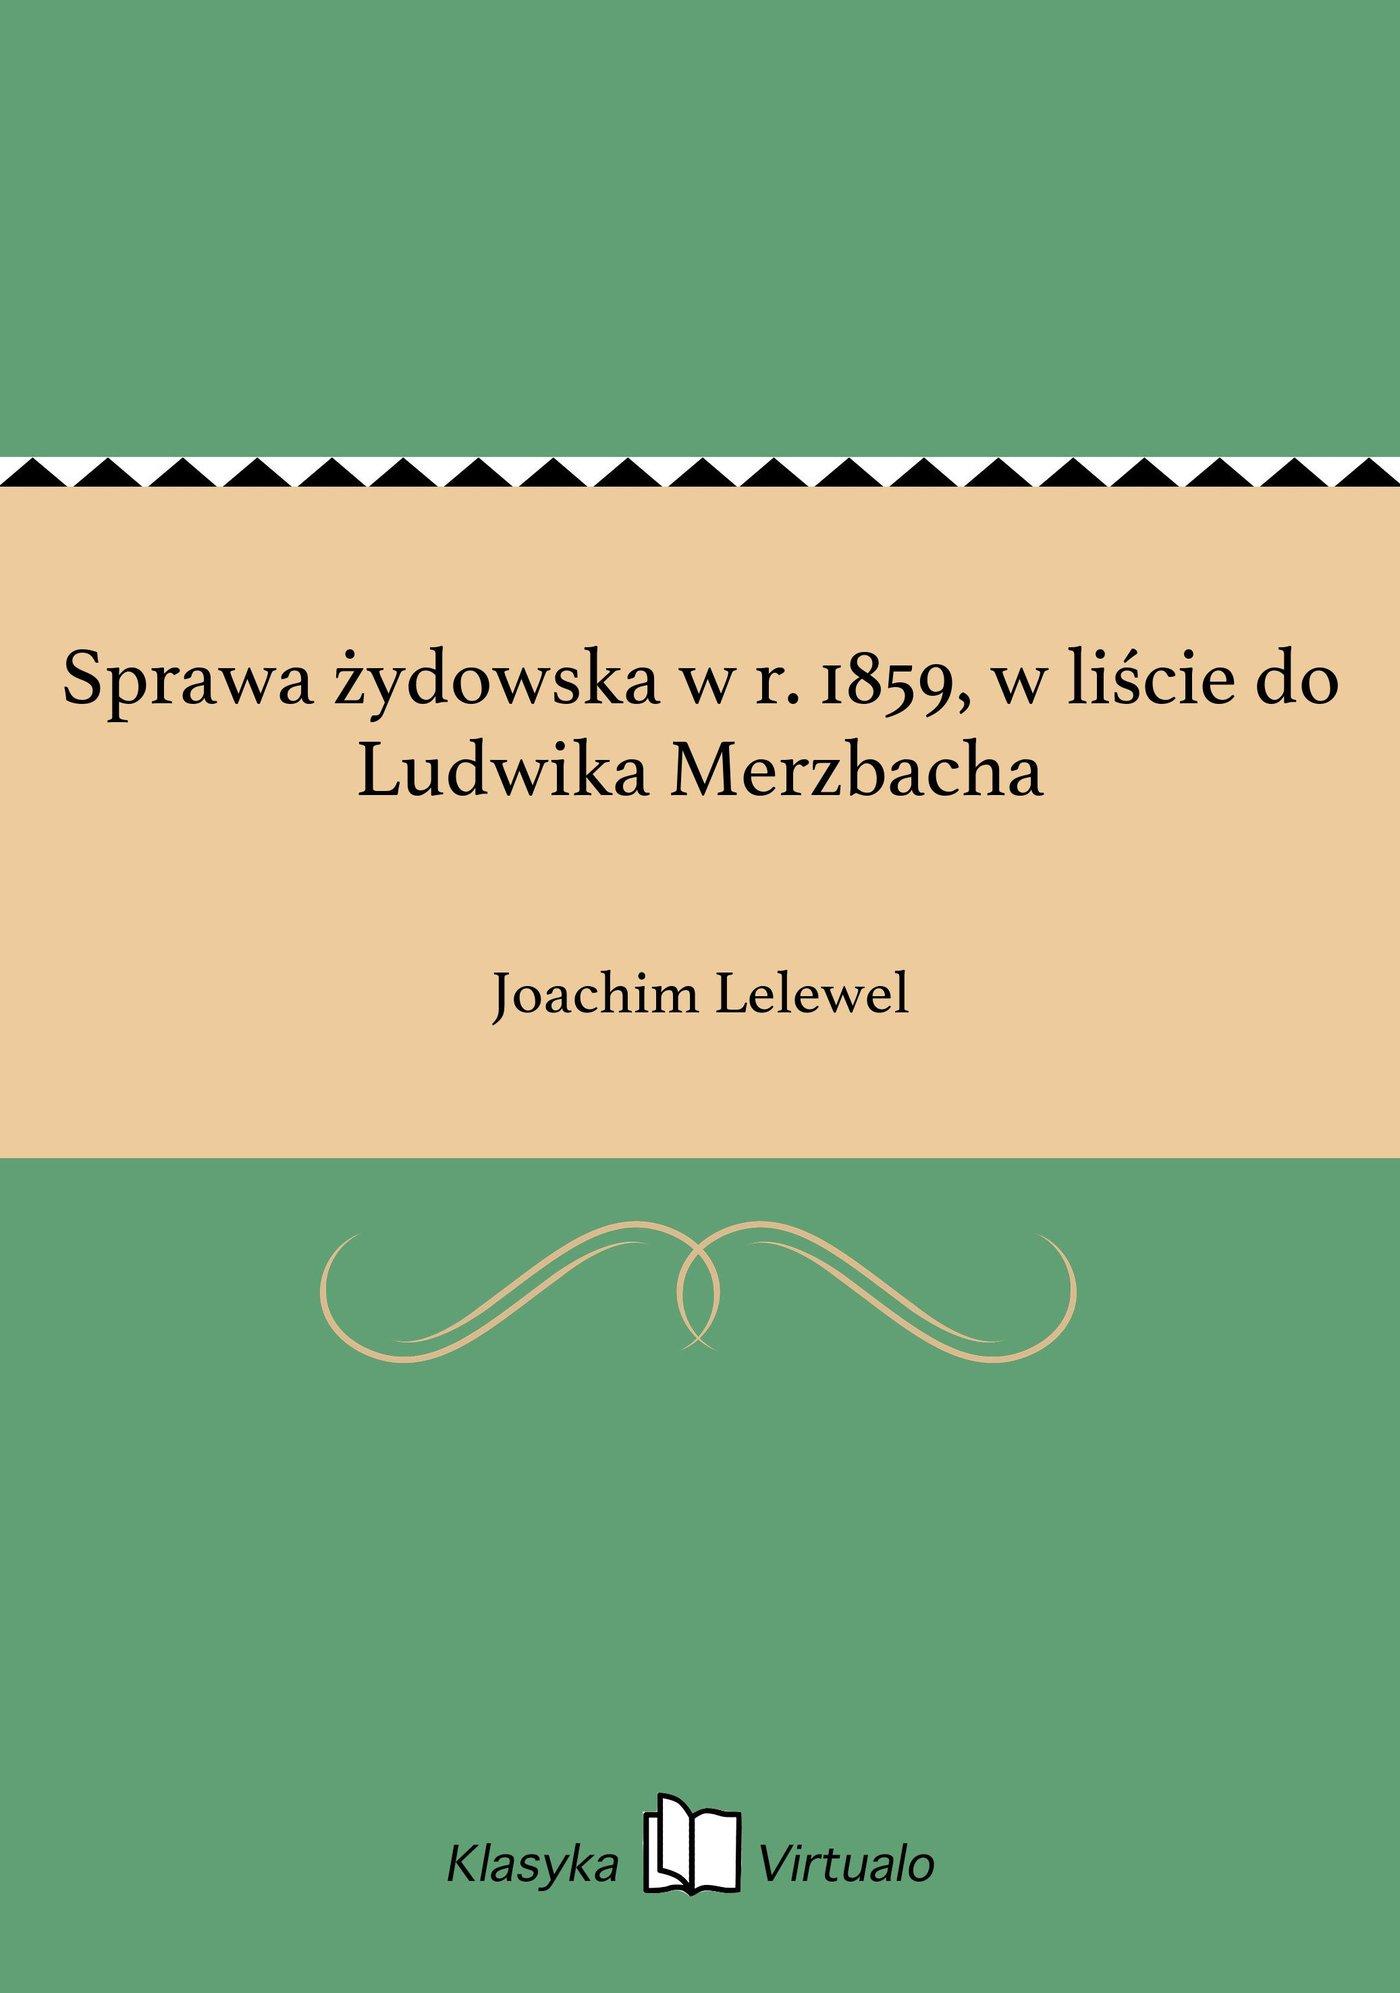 Sprawa żydowska w r. 1859, w liście do Ludwika Merzbacha - Ebook (Książka EPUB) do pobrania w formacie EPUB